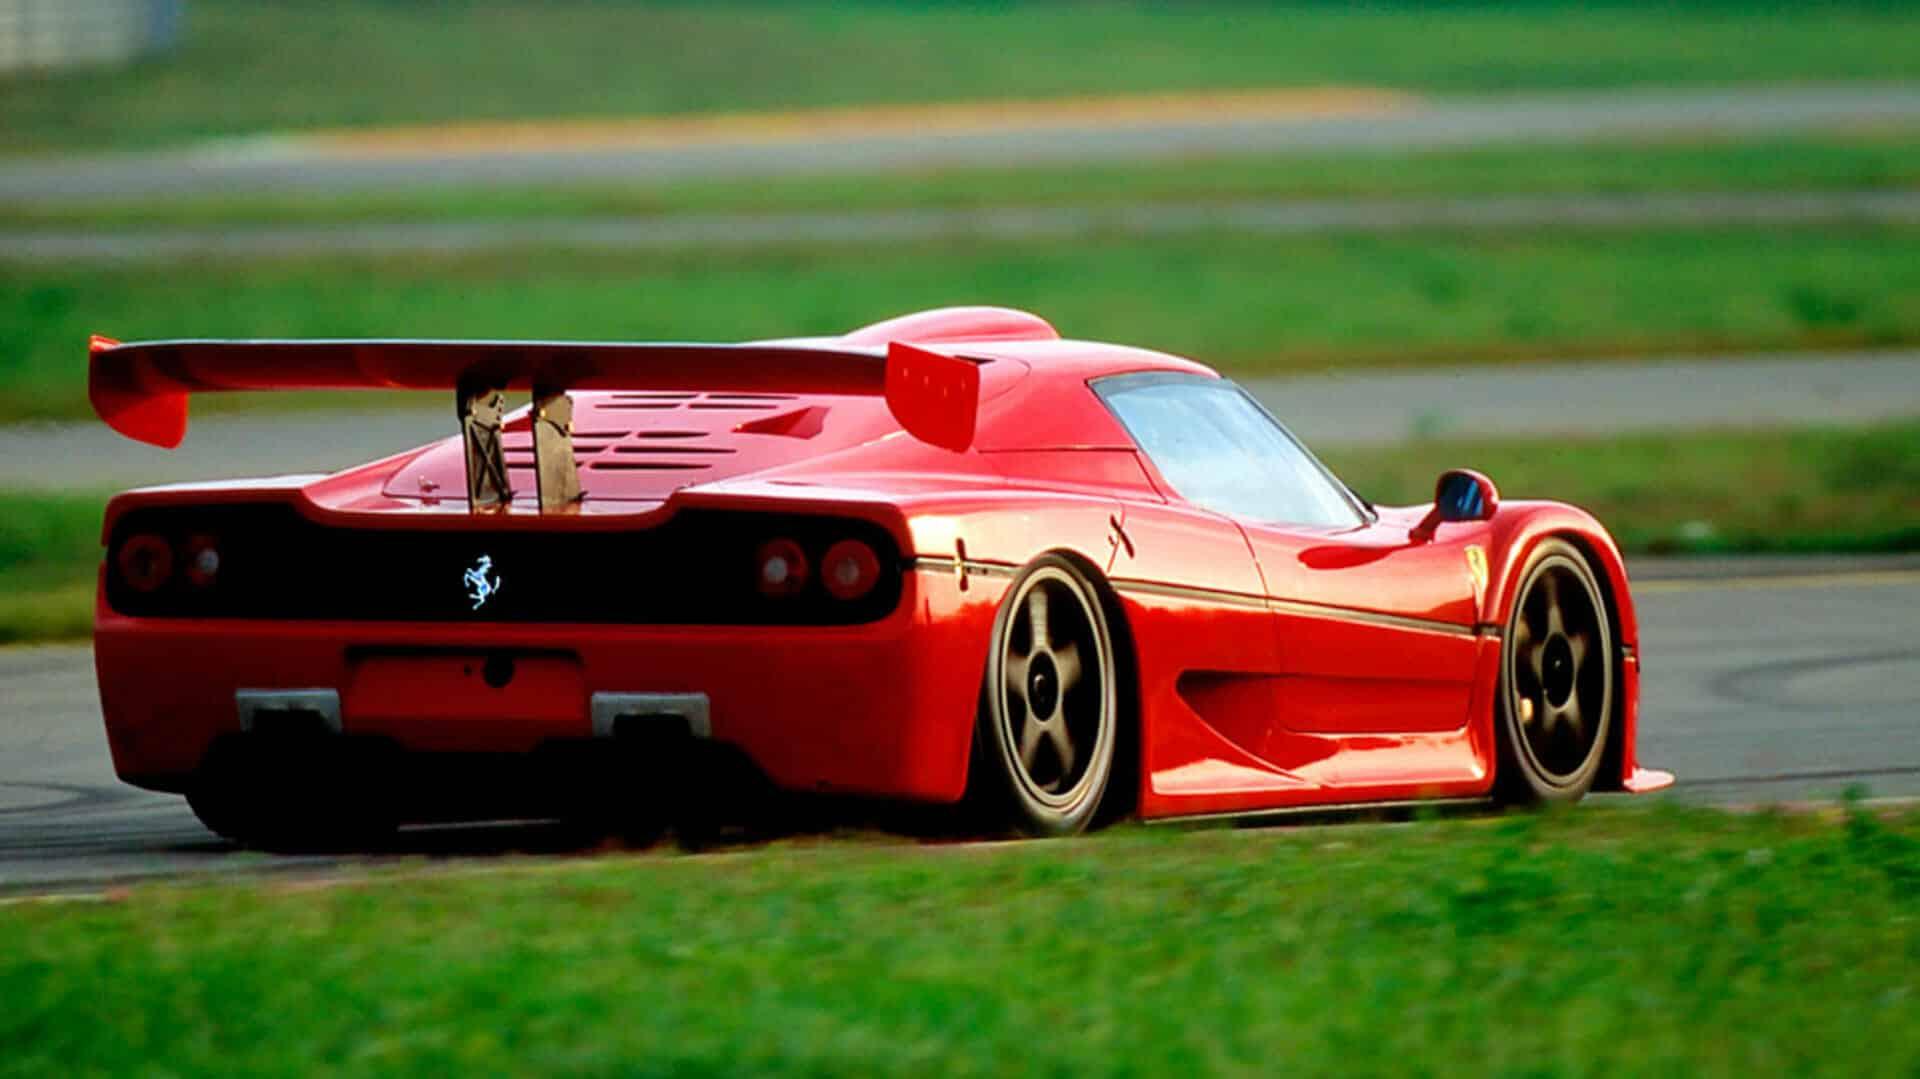 Ferrari F50 GT - Picture 4